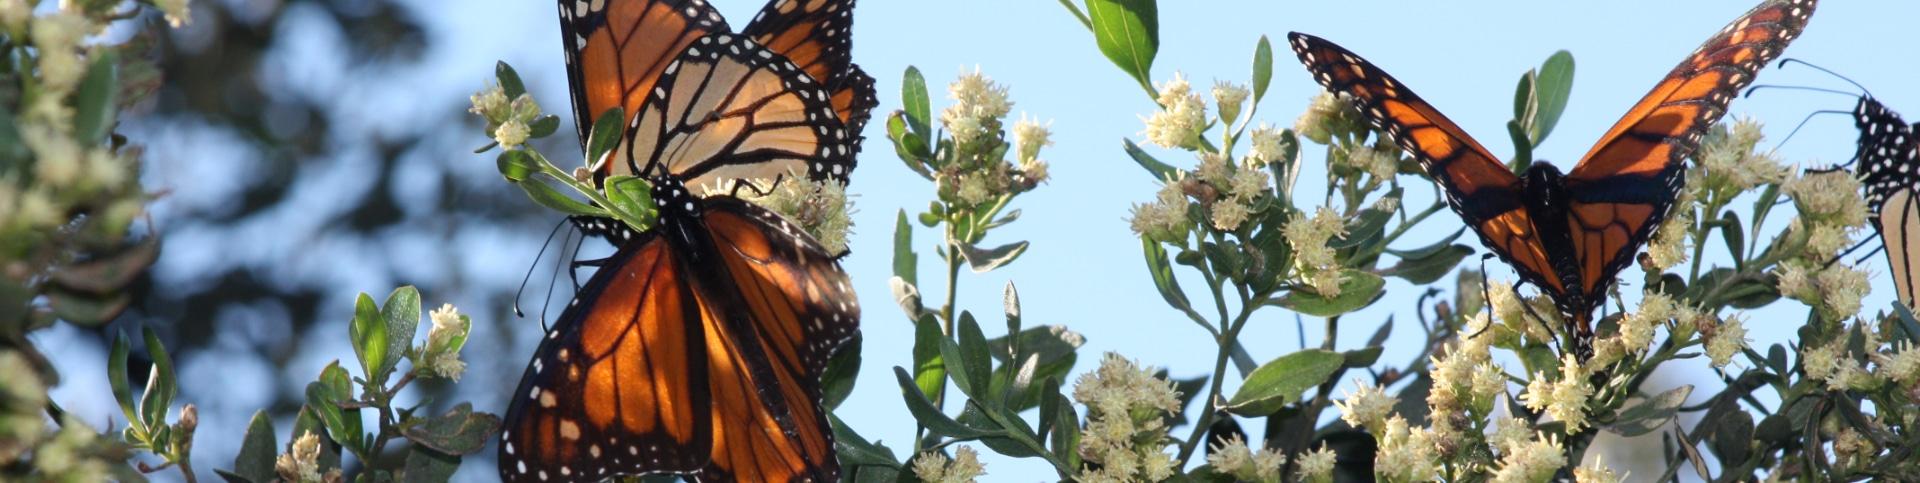 Butterflies in Alligator Point Florida